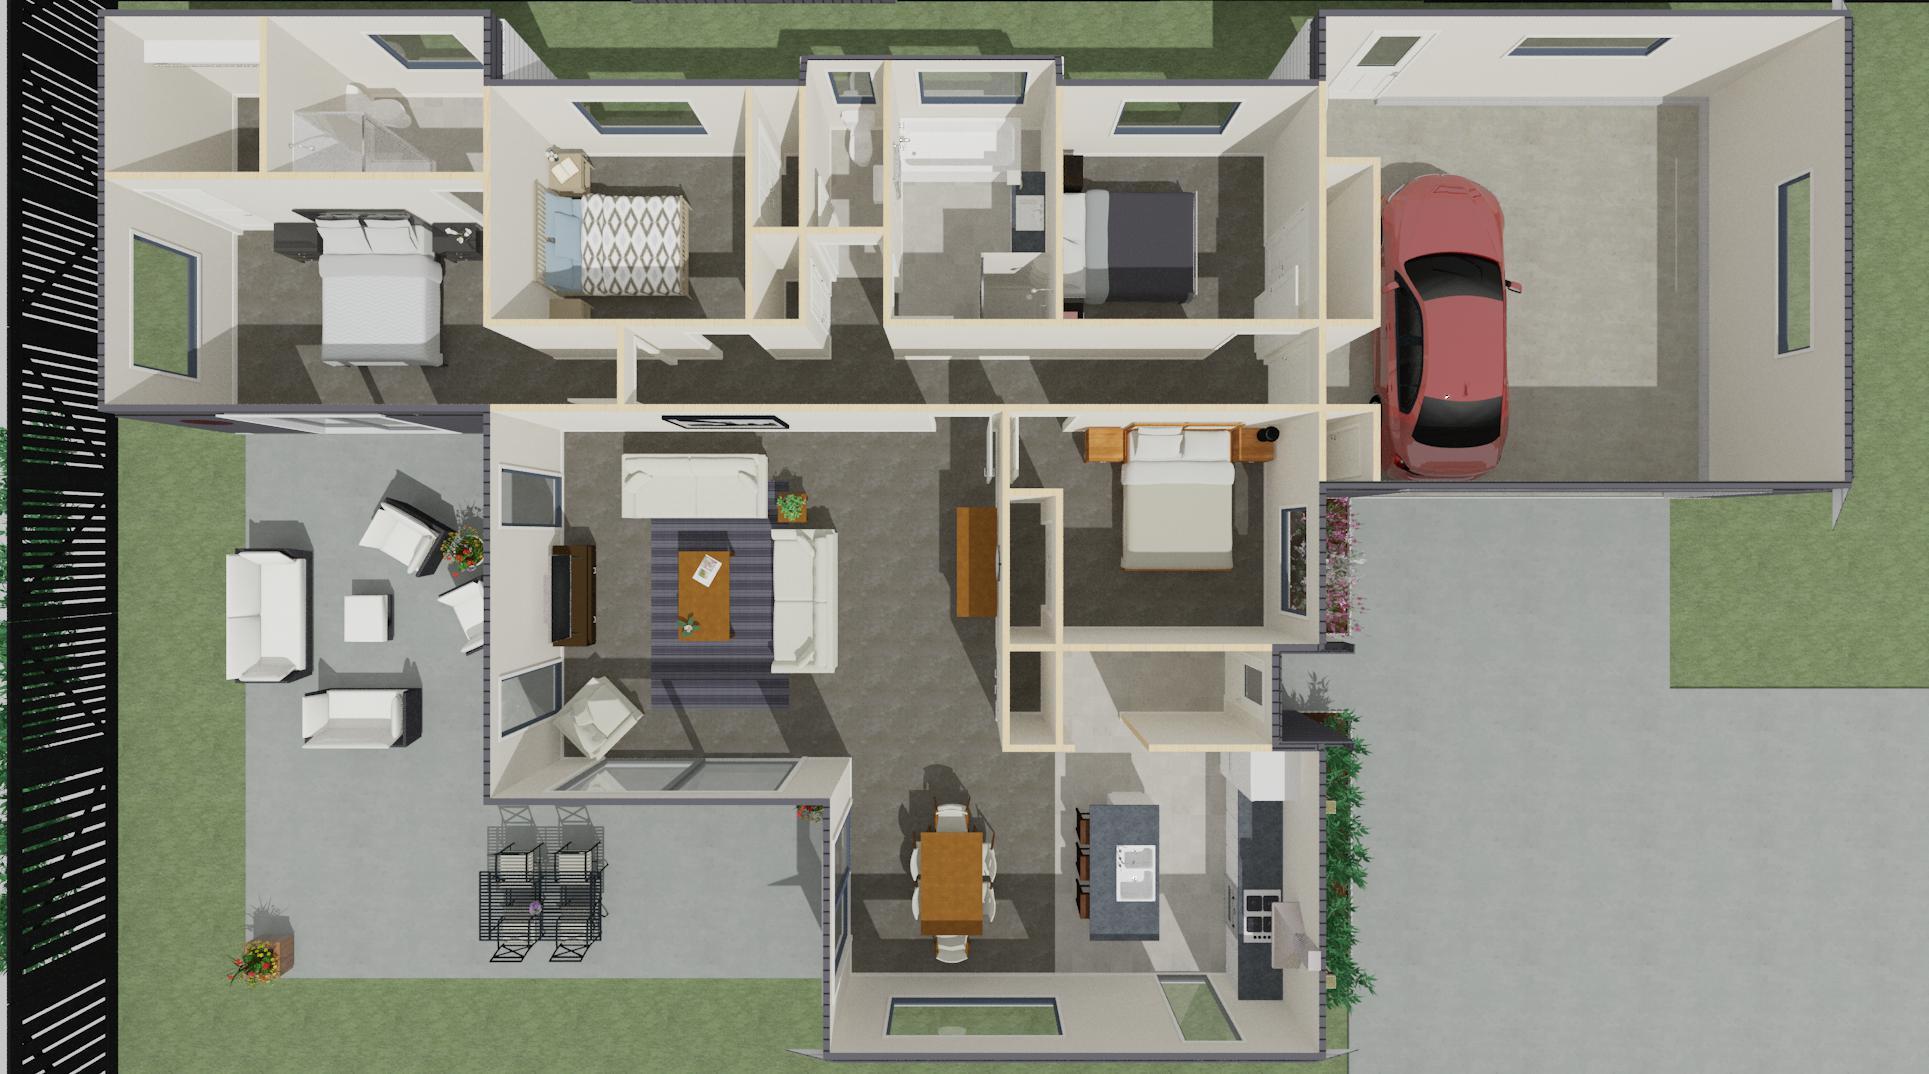 Lot 47 Floor Plan